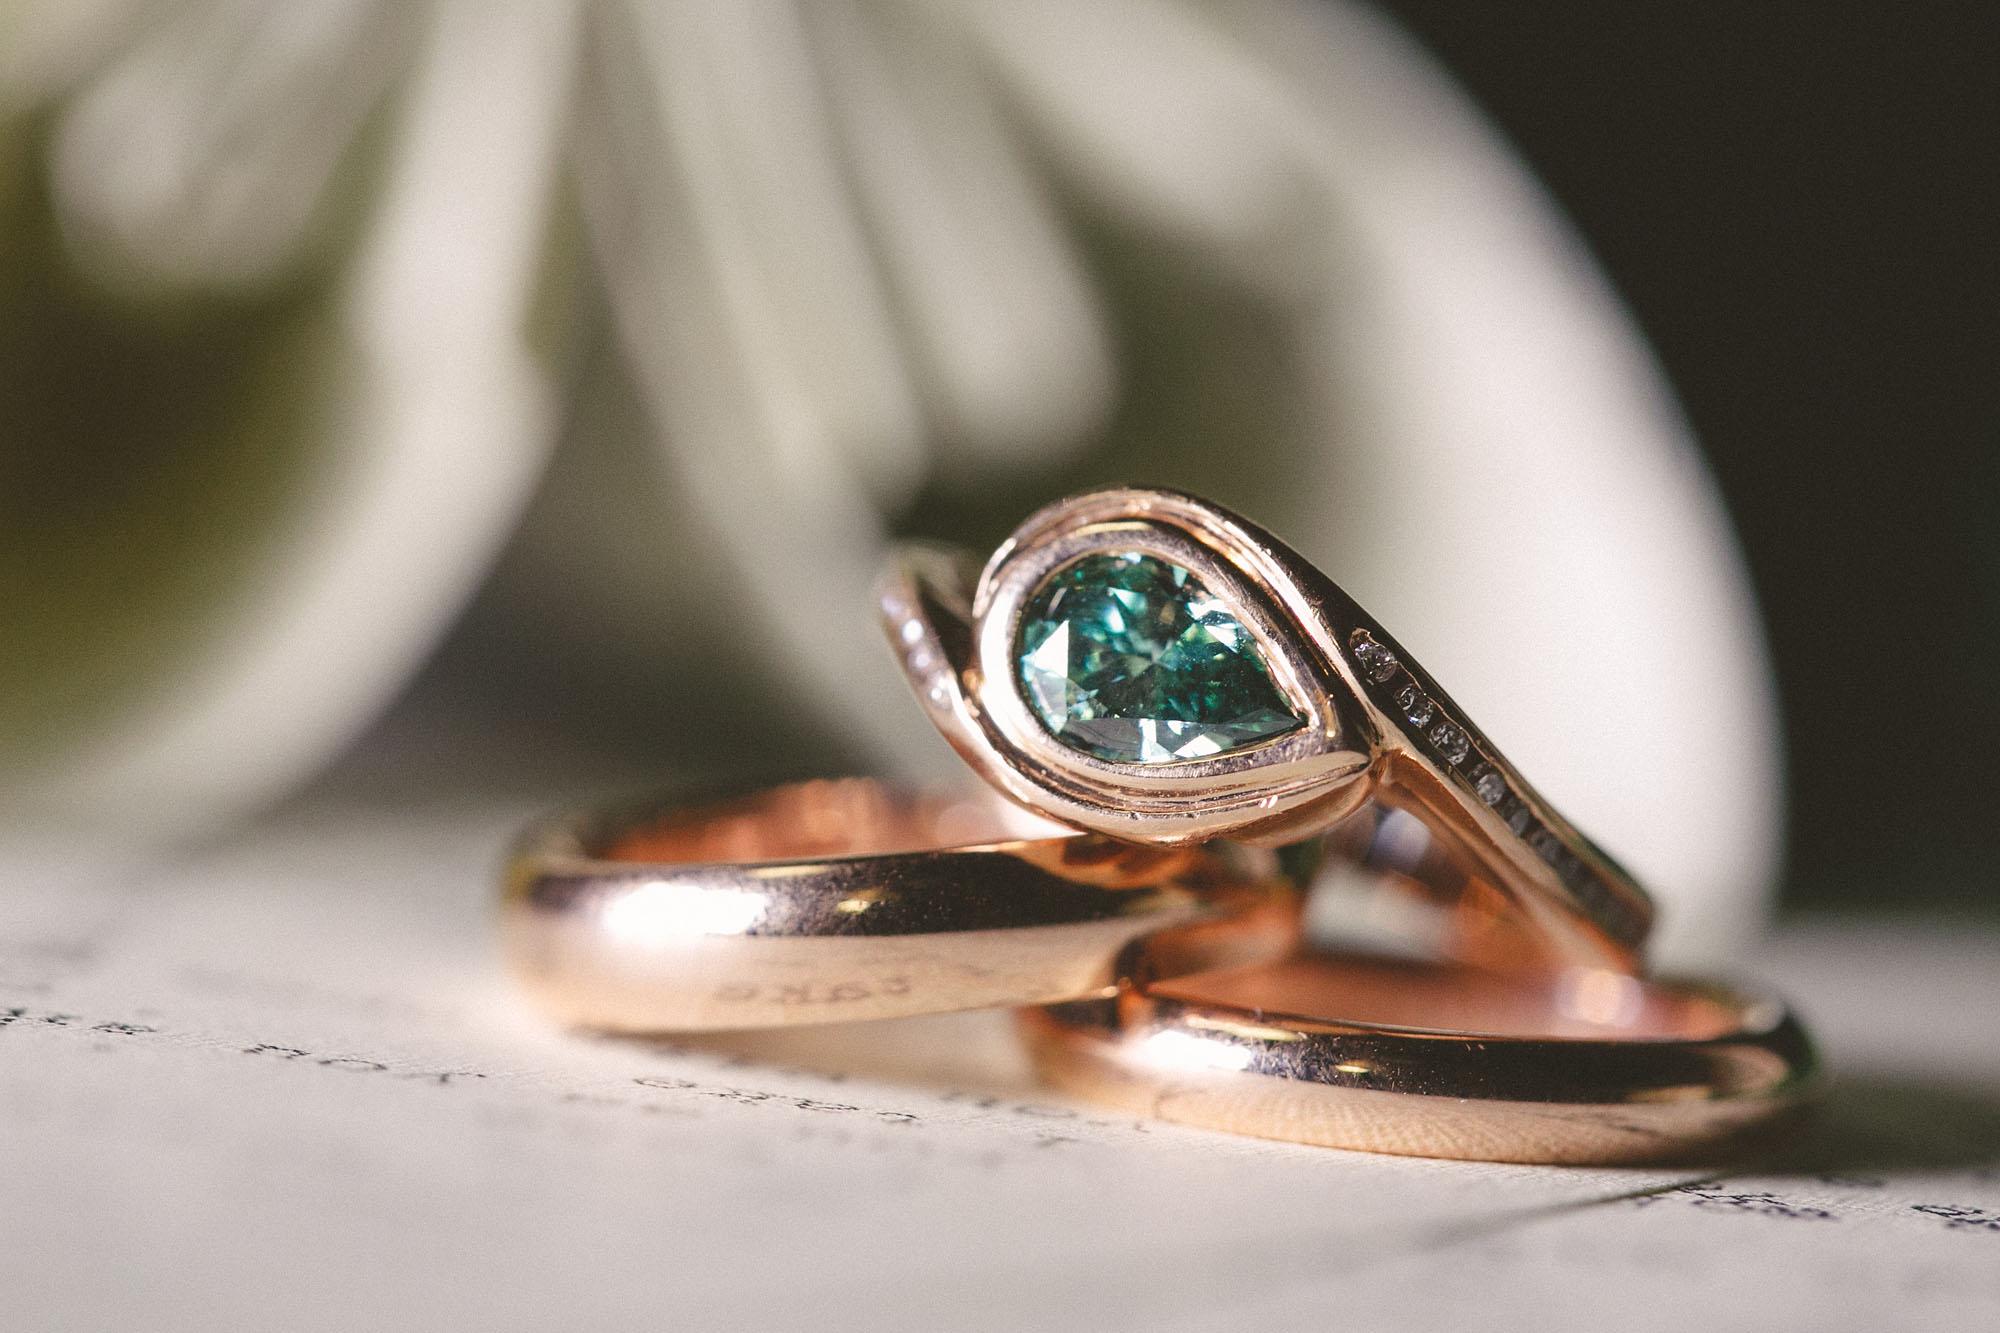 Rose gold wedding set for literary lovebirds